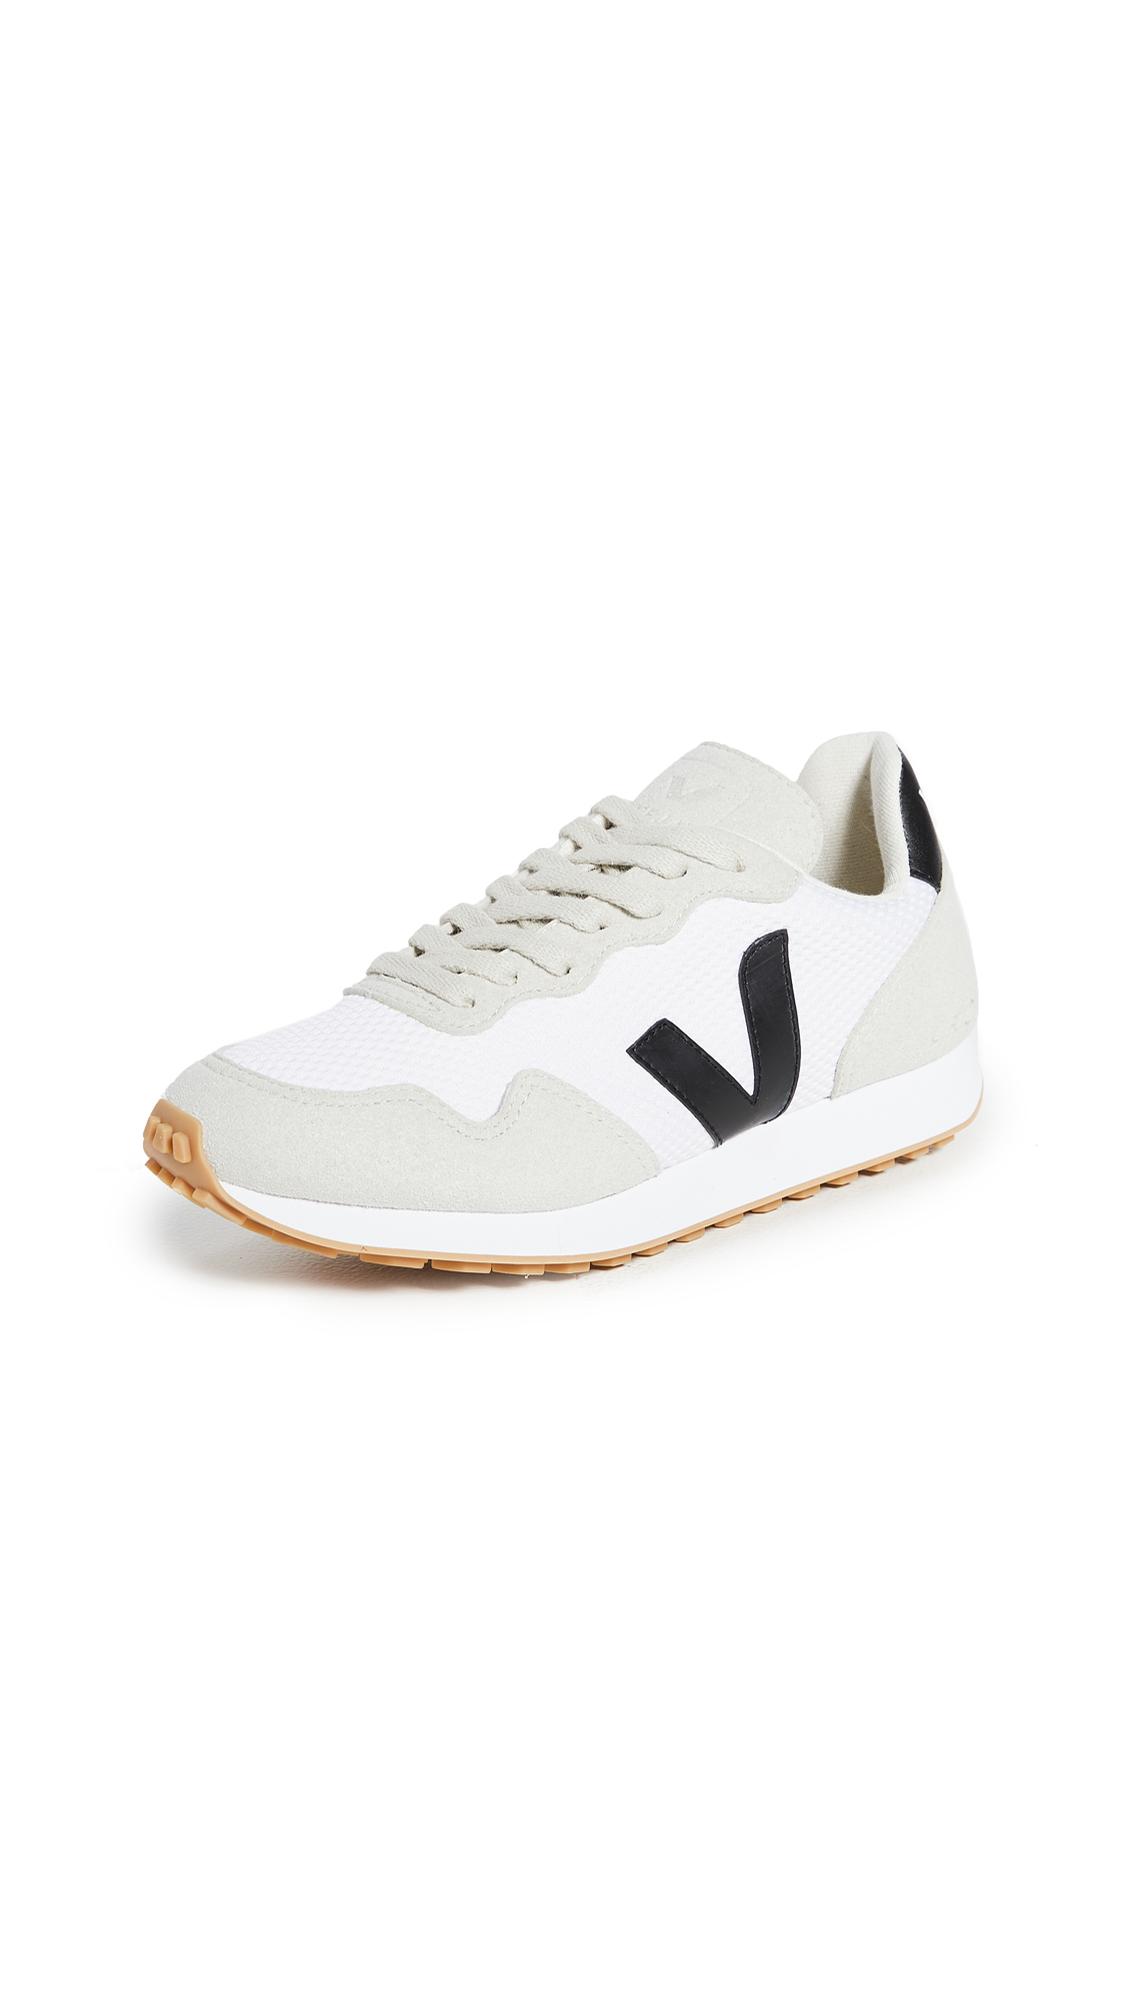 Veja Sdu Rec Vegan Sneakers